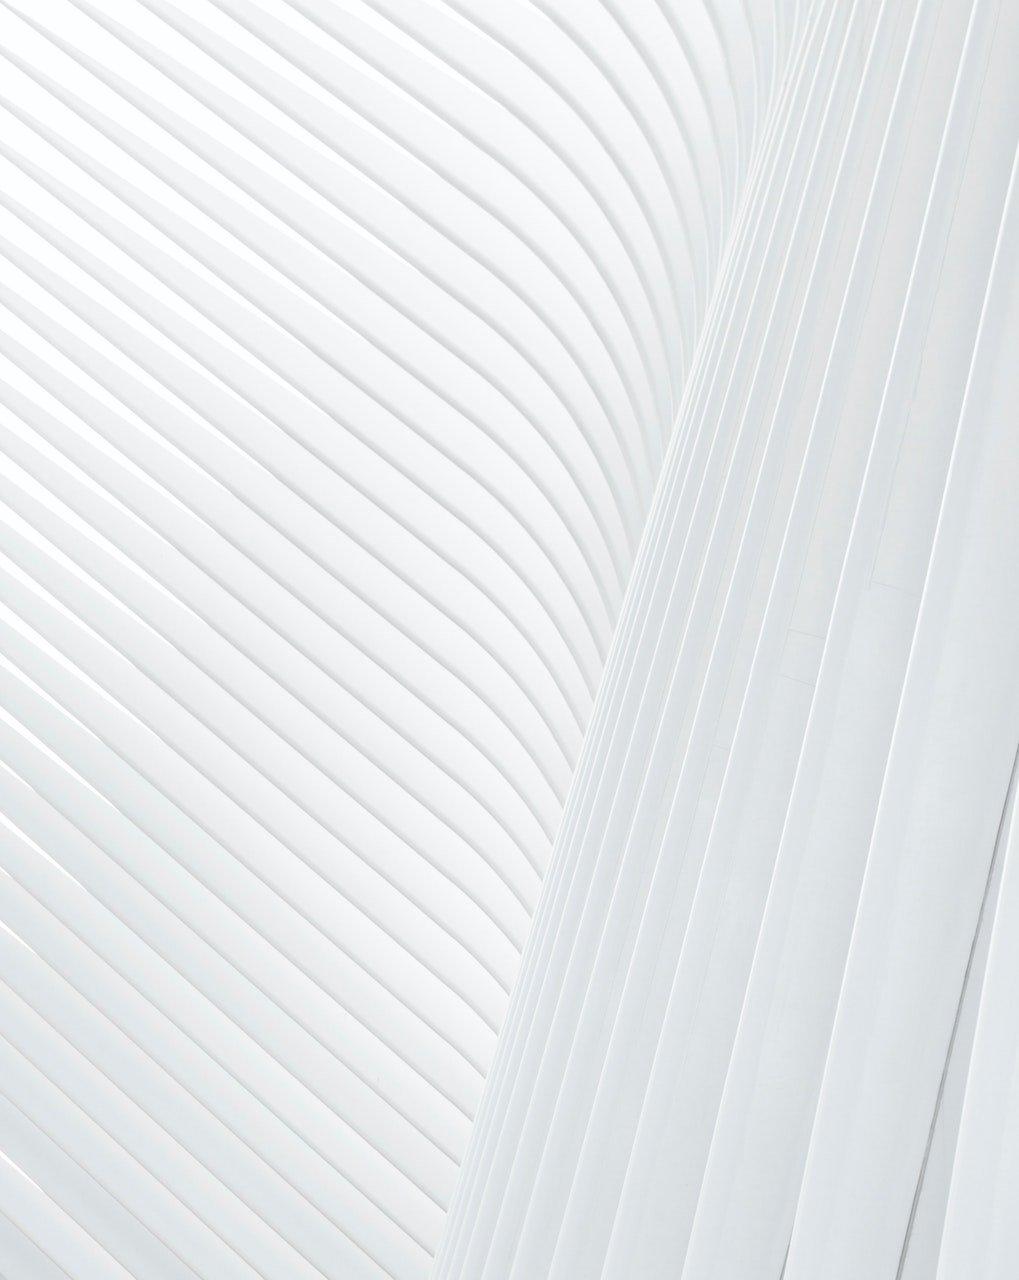 sfondo bianco 3 2